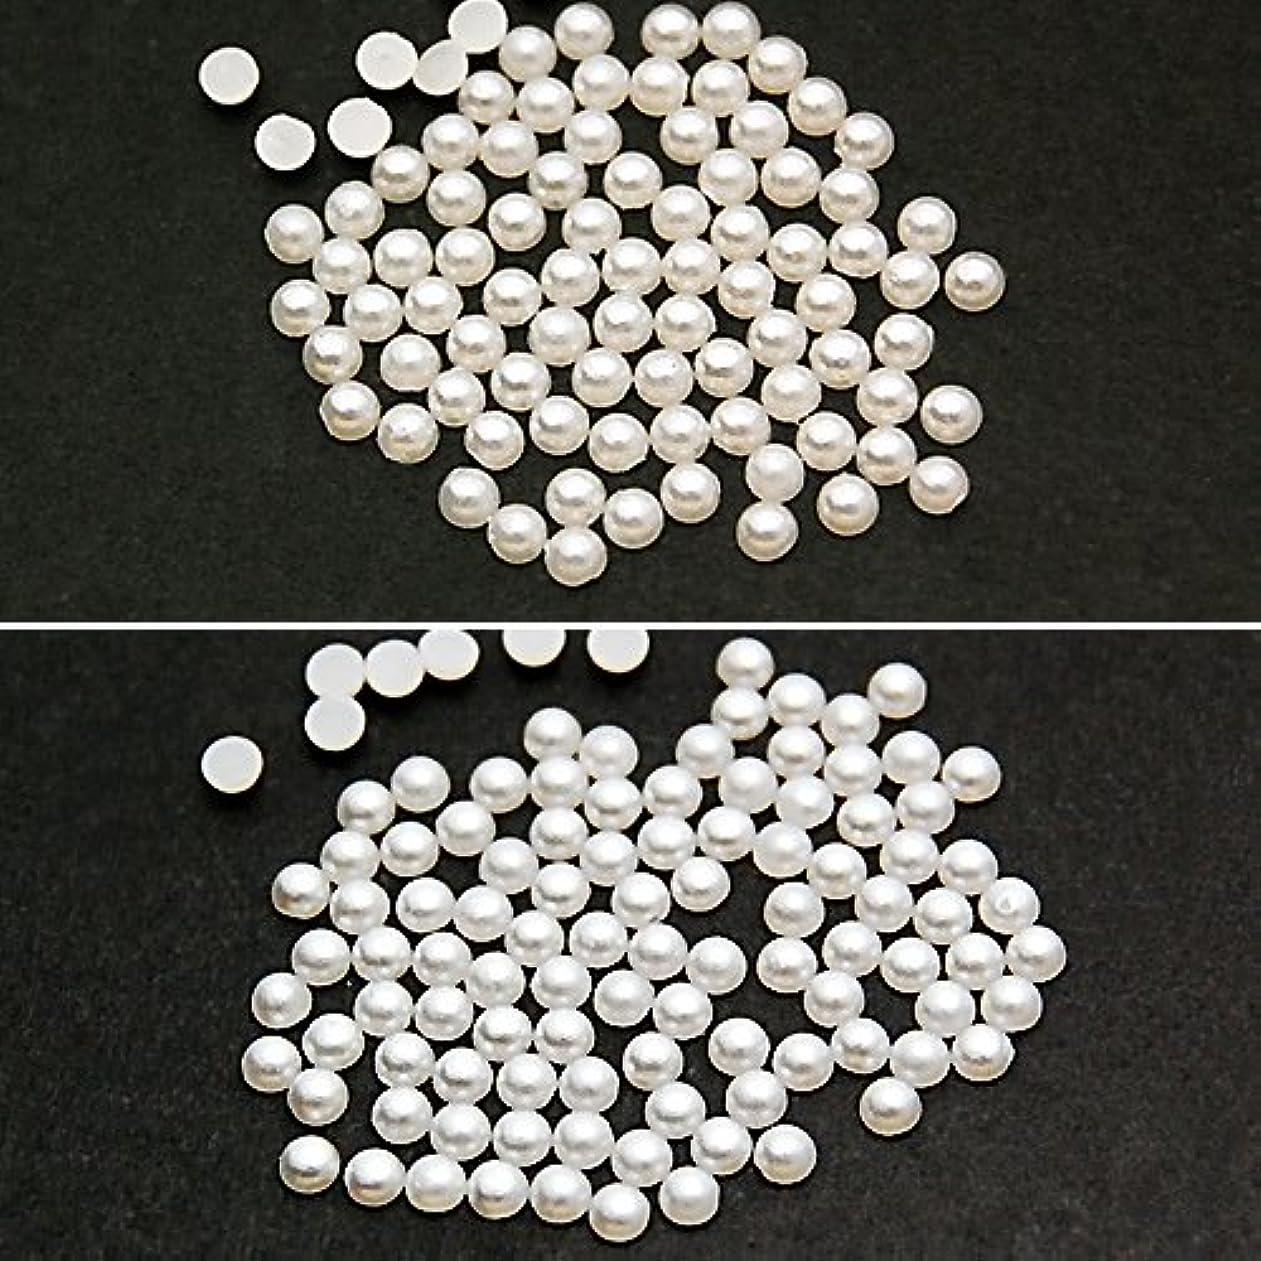 モスクオートマトンカジュアルパールストーン 丸半2mm 800粒 ホワイト